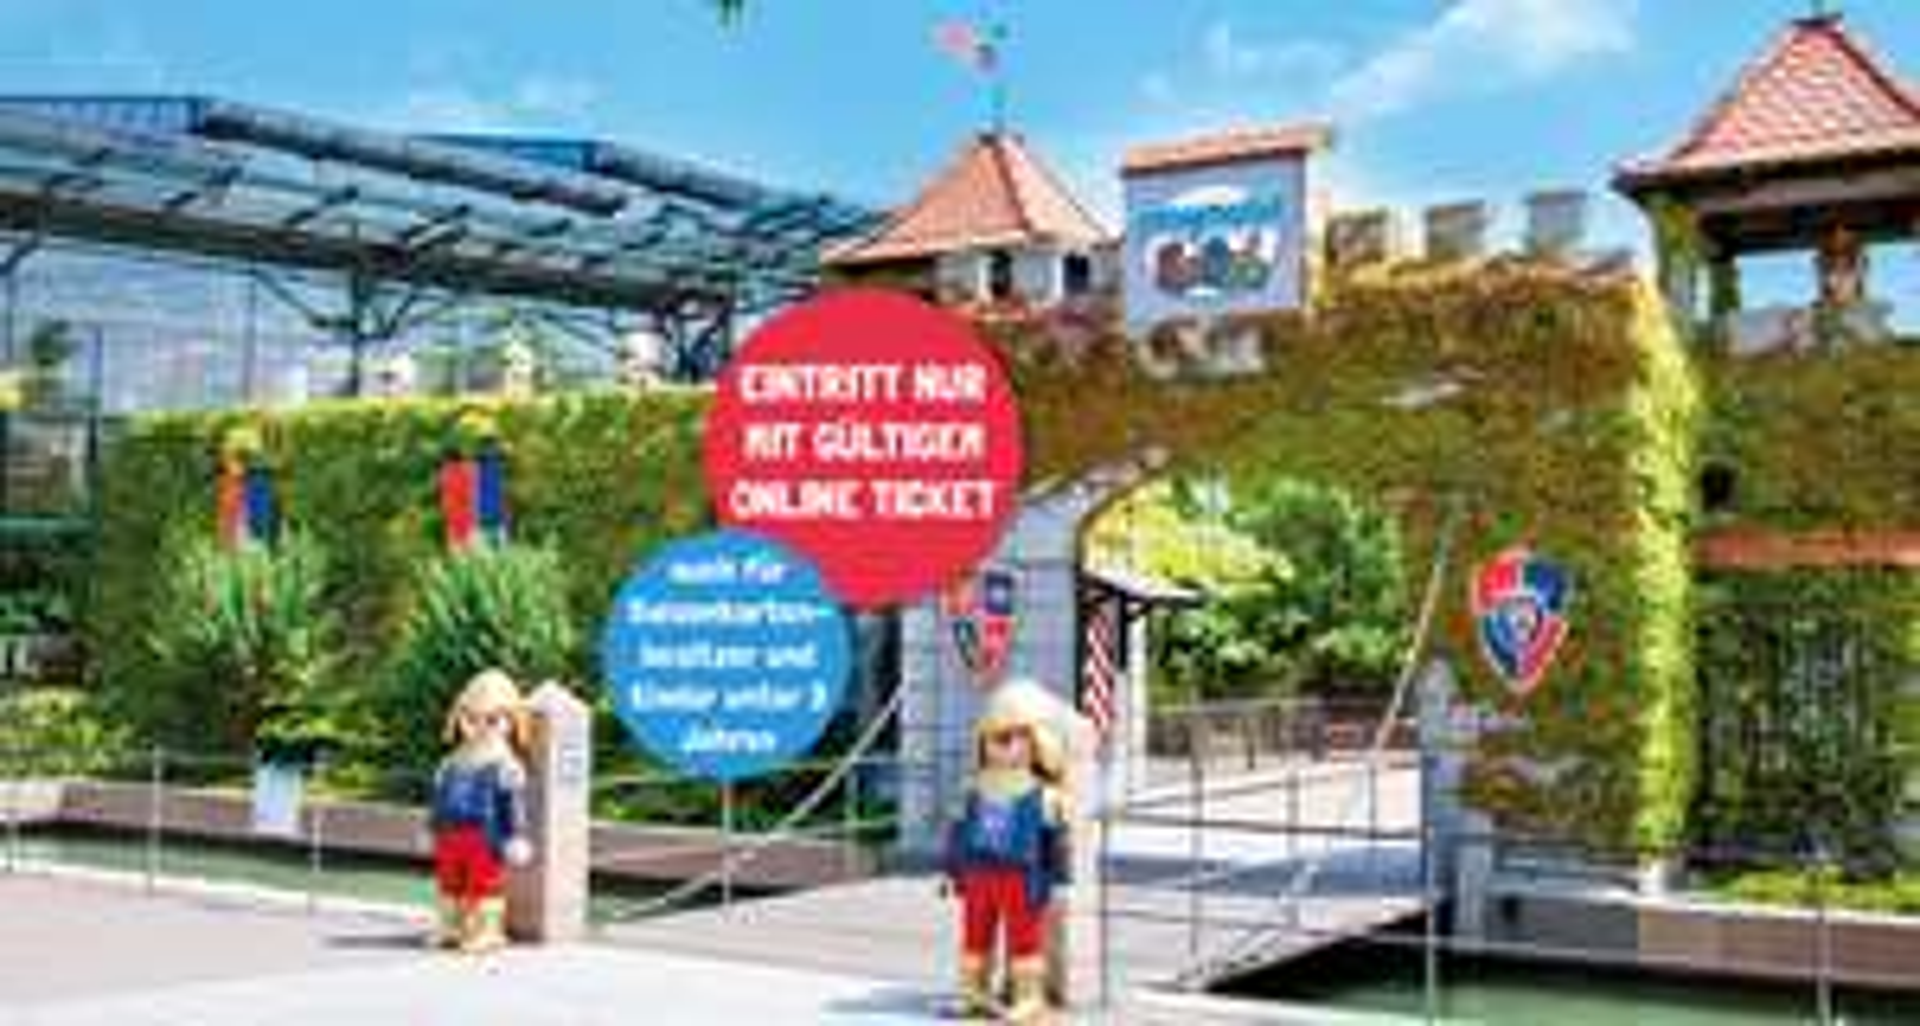 Playmobil Funpark / Winterkinder haben nächste Woche freien Eintritt